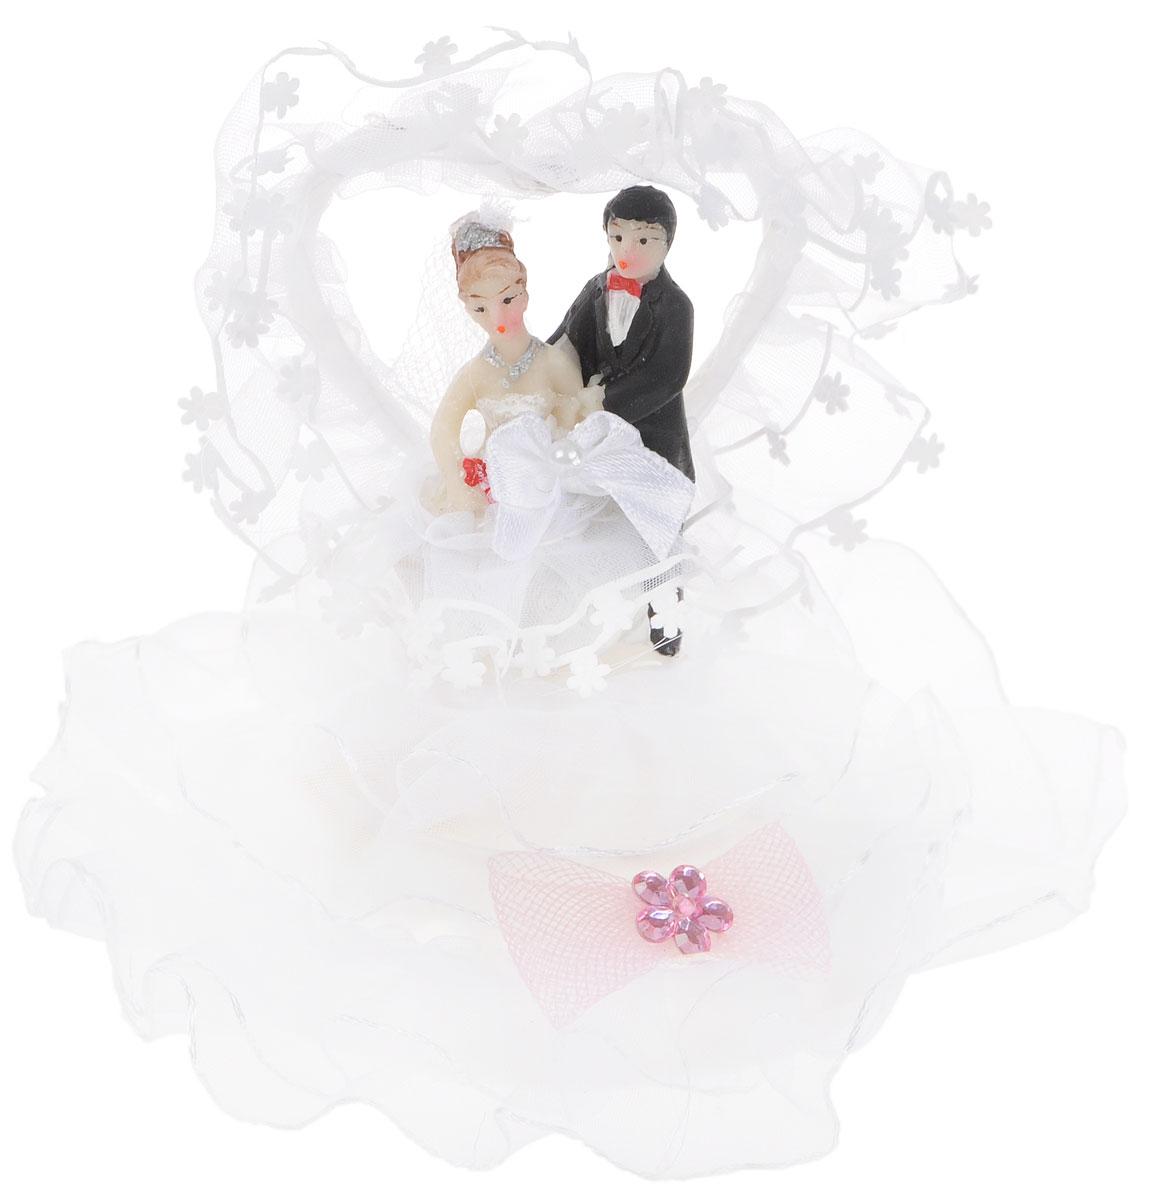 Фигурка декоративная Win Max Жених и невеста, высота 10 см27903Декоративная фигурка Win Max Жених и невеста изготовлена из полистоуна и текстиля. Изделие представляет собой круглую подставку с фигурками жениха и невесты, украшенных тесьмой и стразами. Такая фигурка идеально впишется в свадебный интерьер и будет радовать вас своим видом в самый важный день в вашей жизни.Высота фигурки: 10 см.